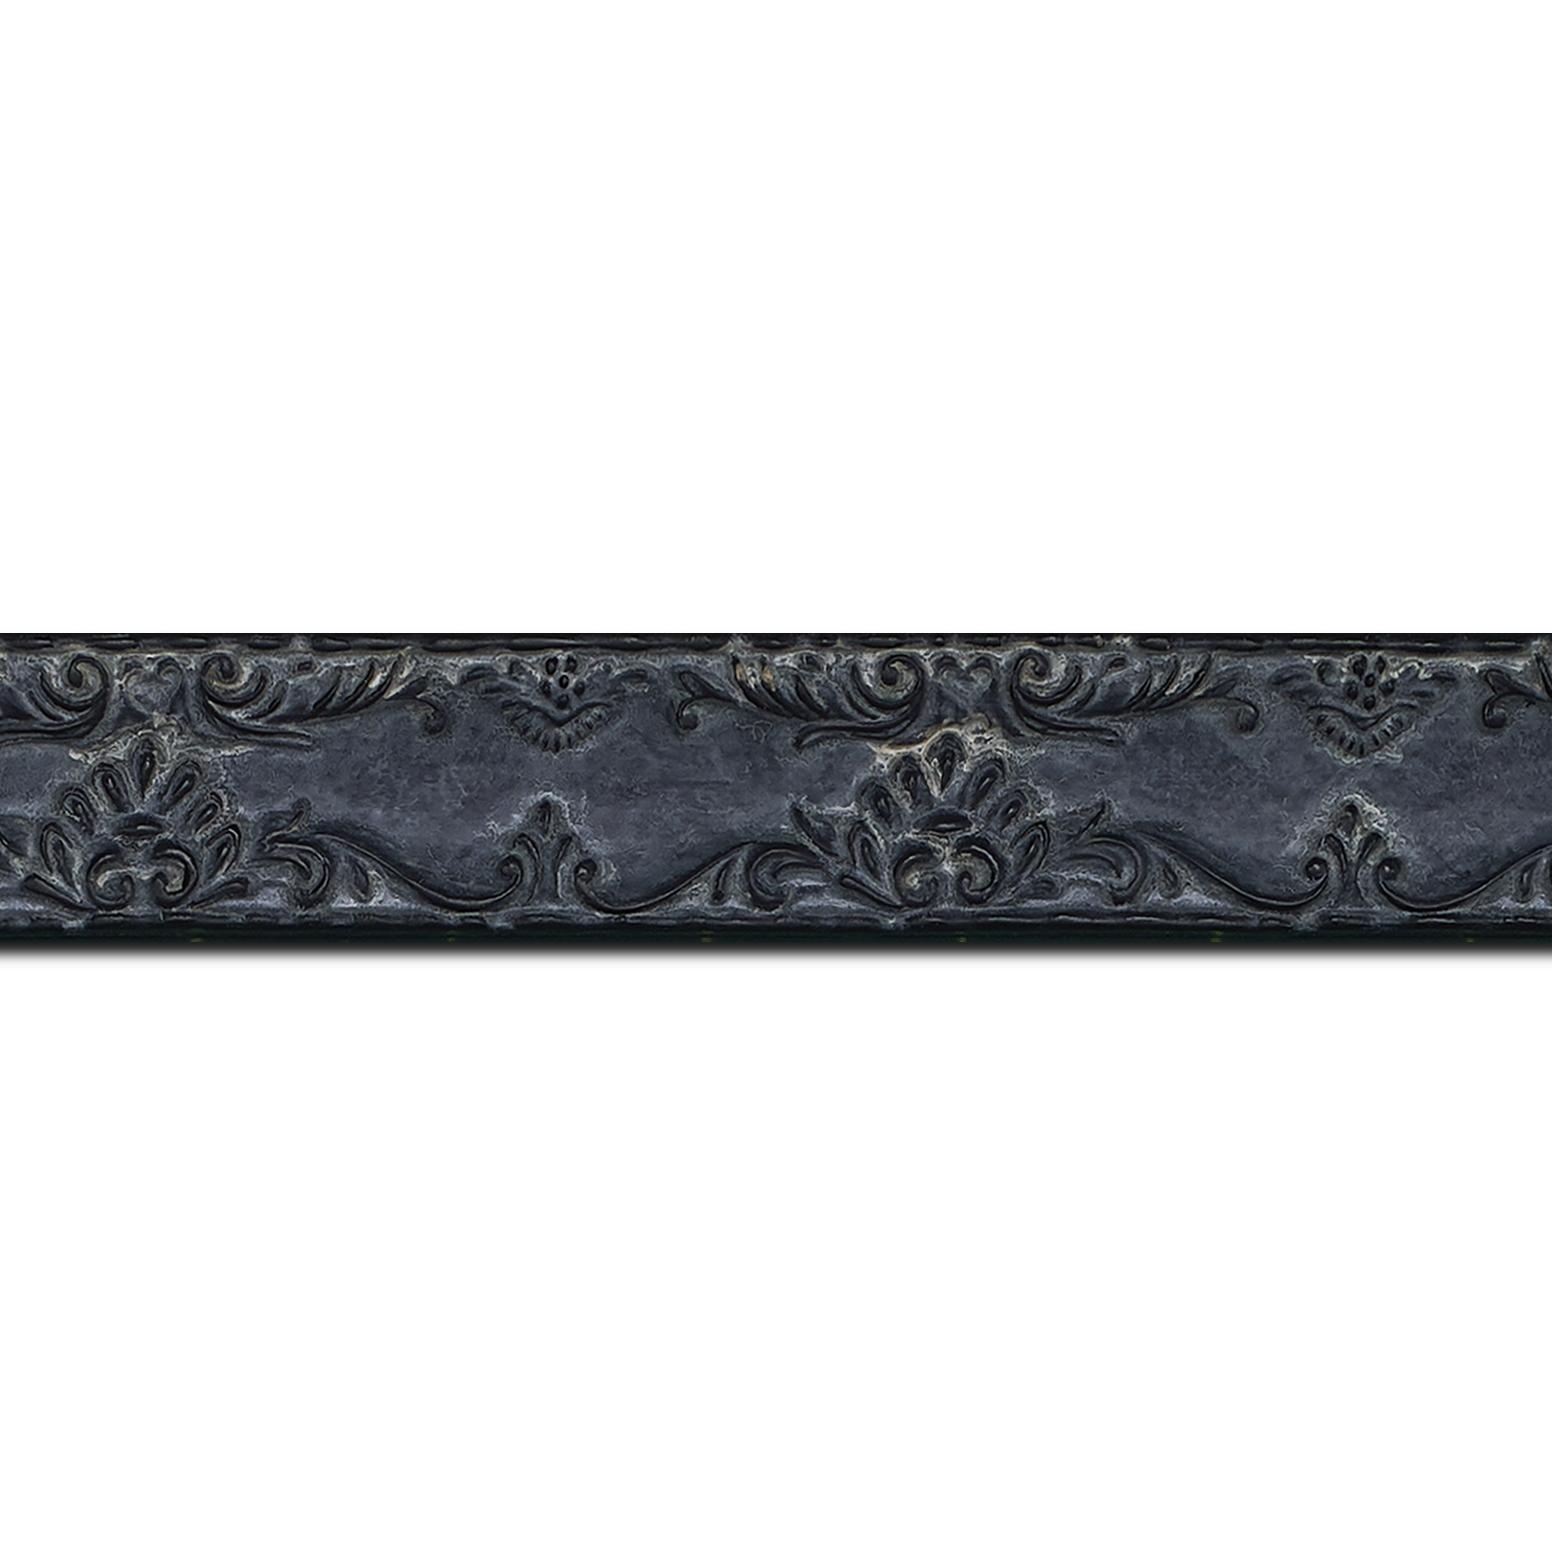 Baguette longueur 1.40m bois profil incurvé largeur 3cm couleur noir antique décor ancien